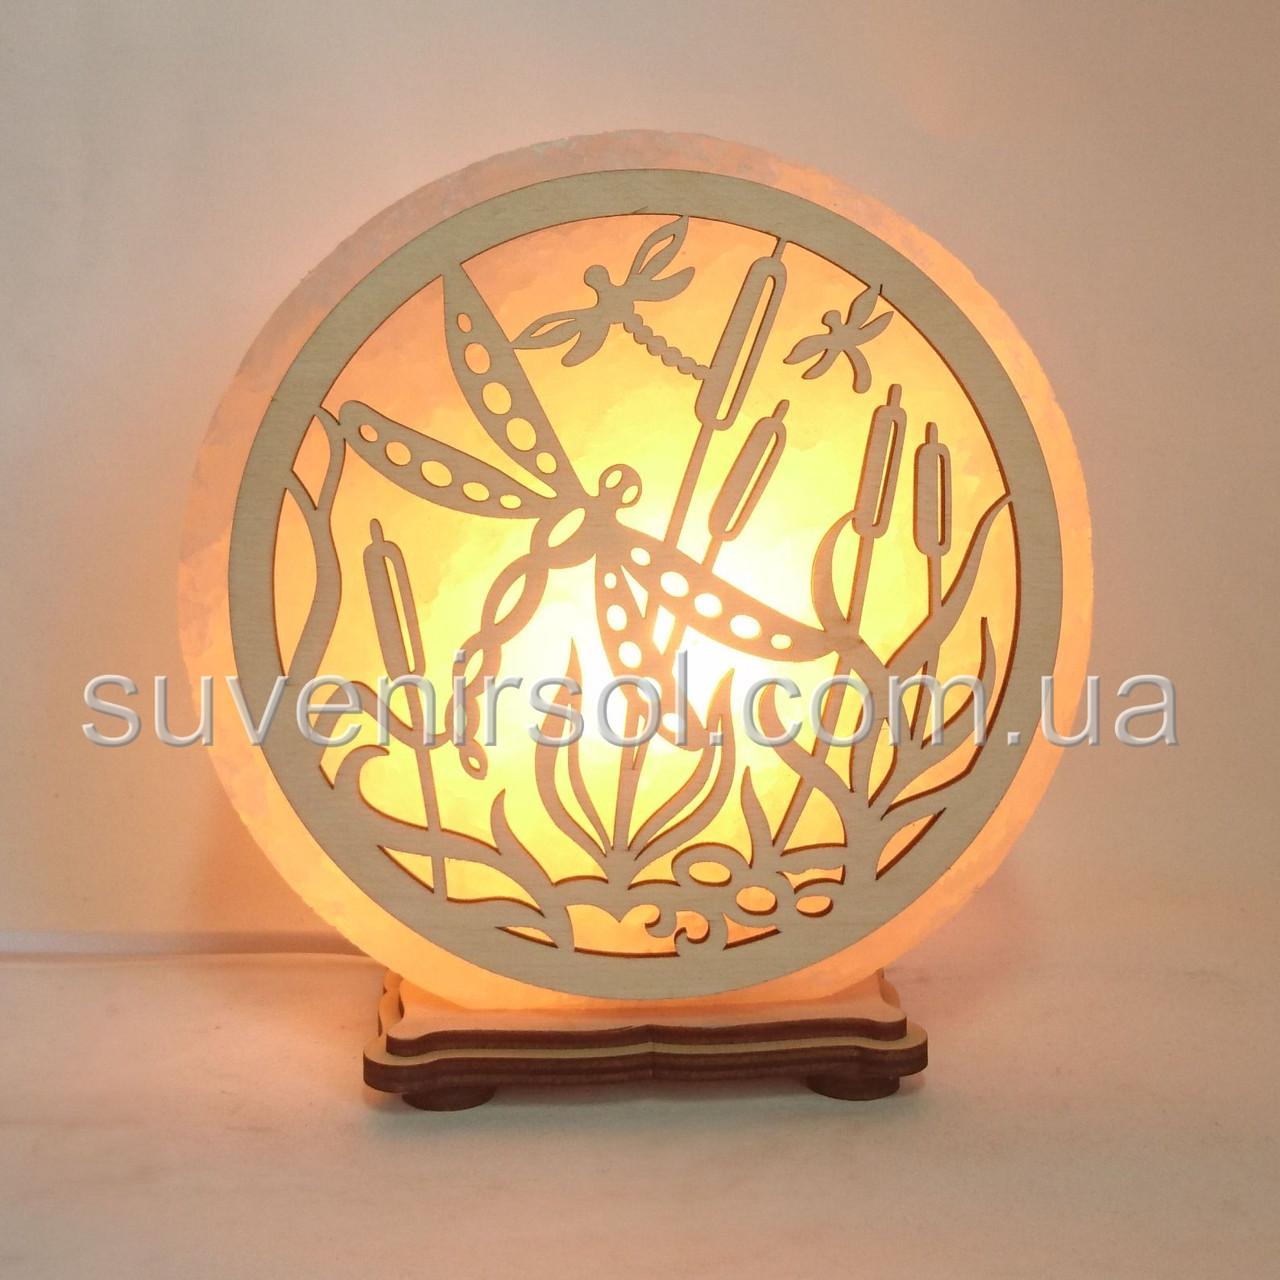 Соляной светильник круглый Стрекозы